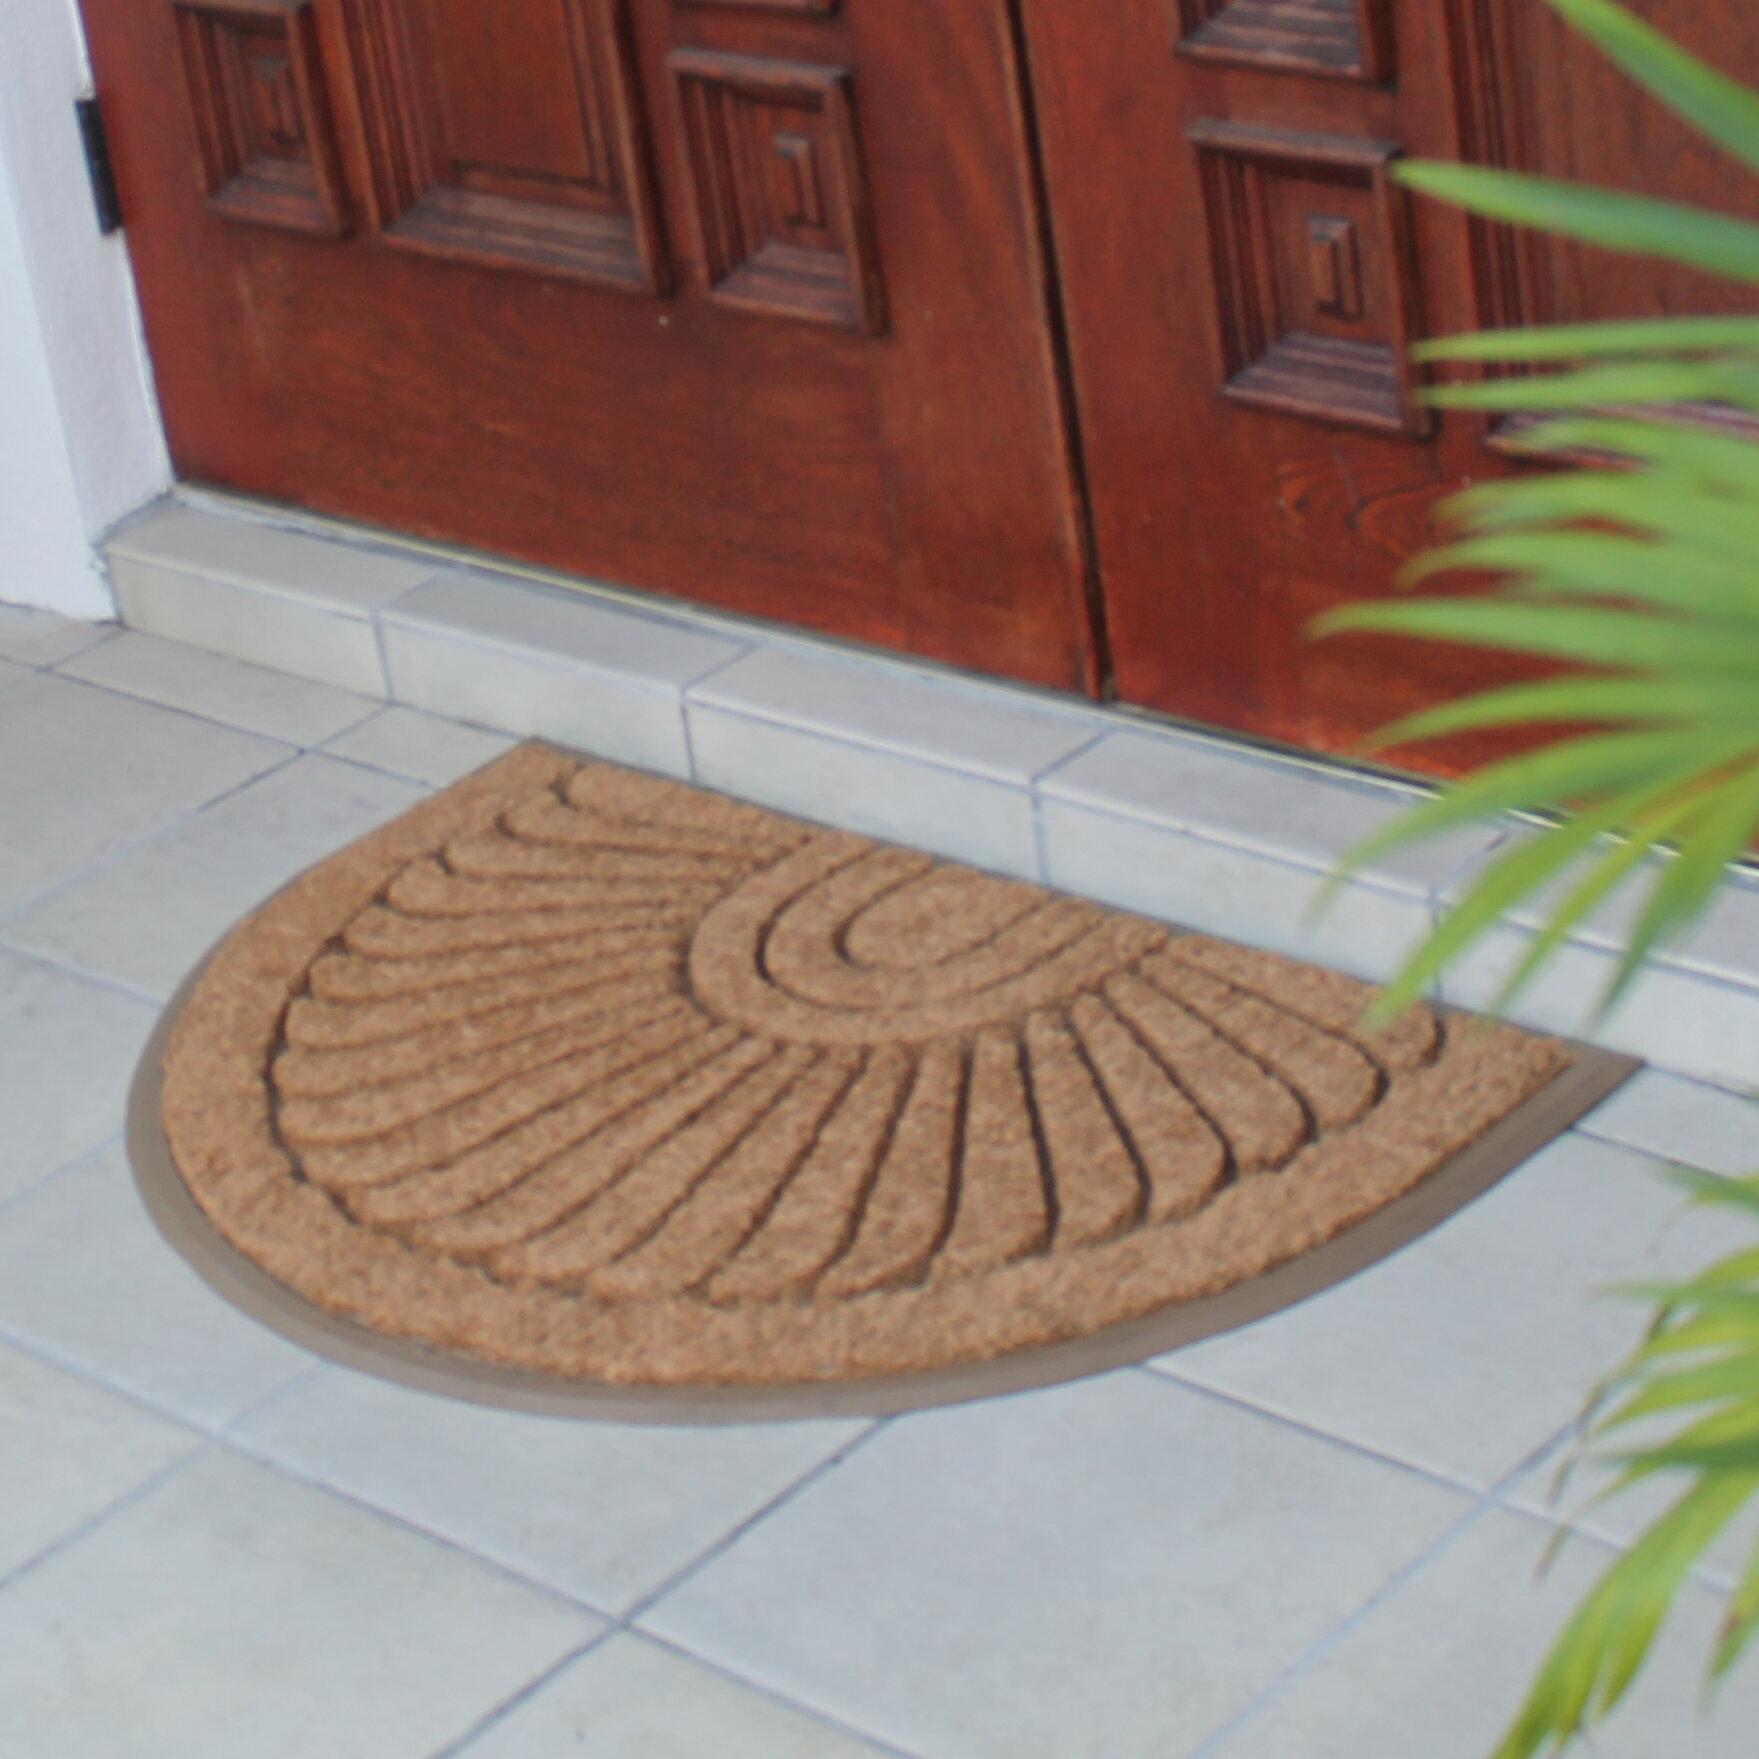 Delicieux Darby Home Co Albertina Sunburst Rubber And Coir Doormat | Wayfair